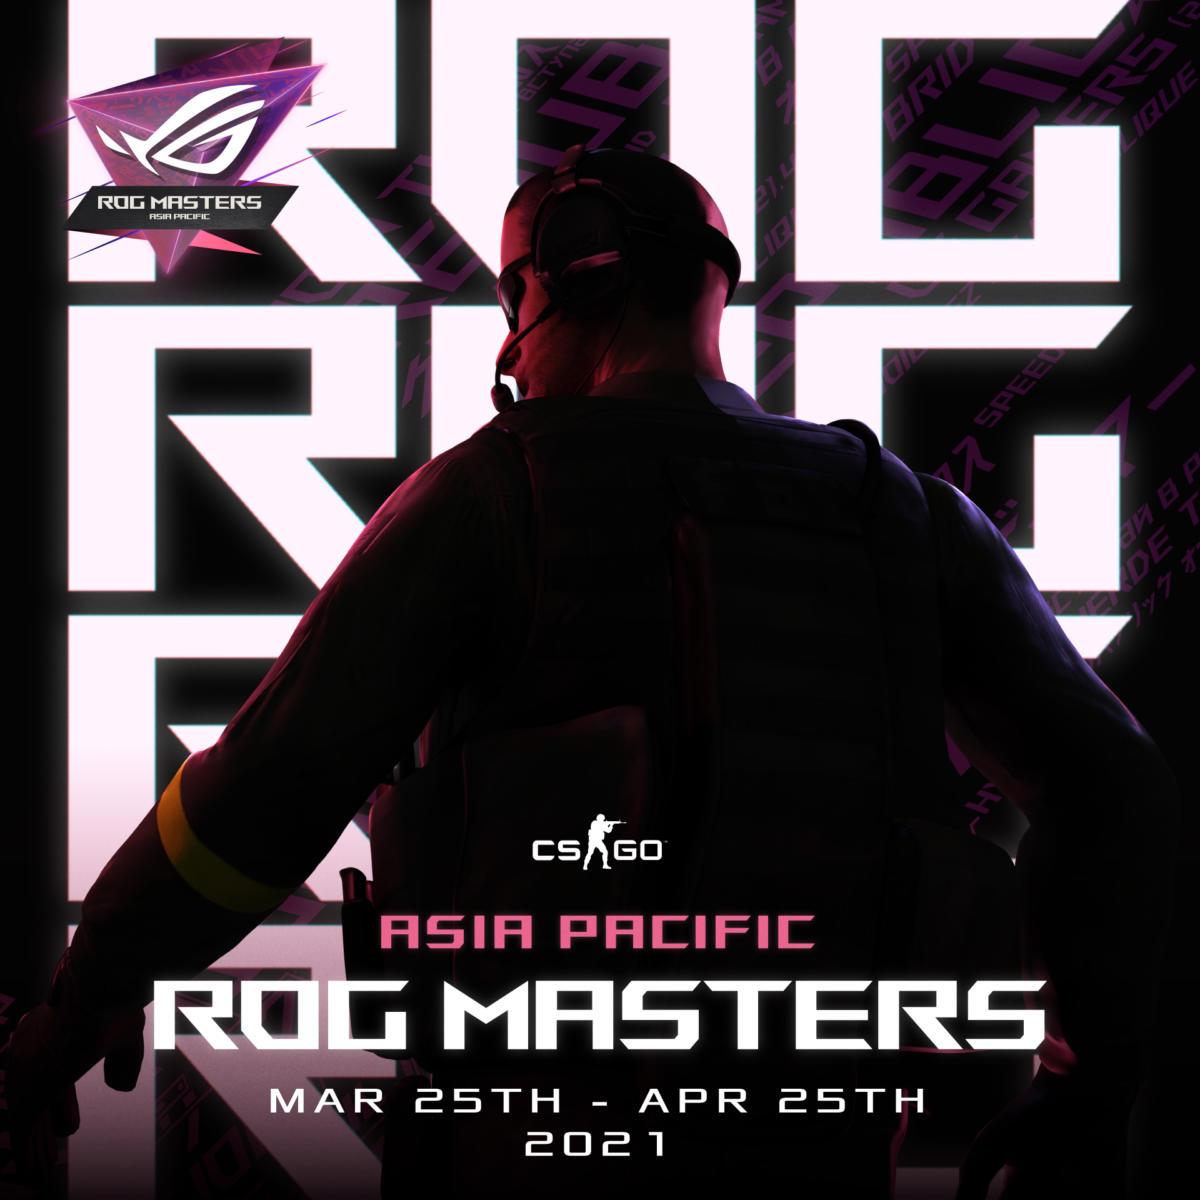 ASUS ROG mở đăng ký giải đấu CS:GO - ROG Masters APAC Edition